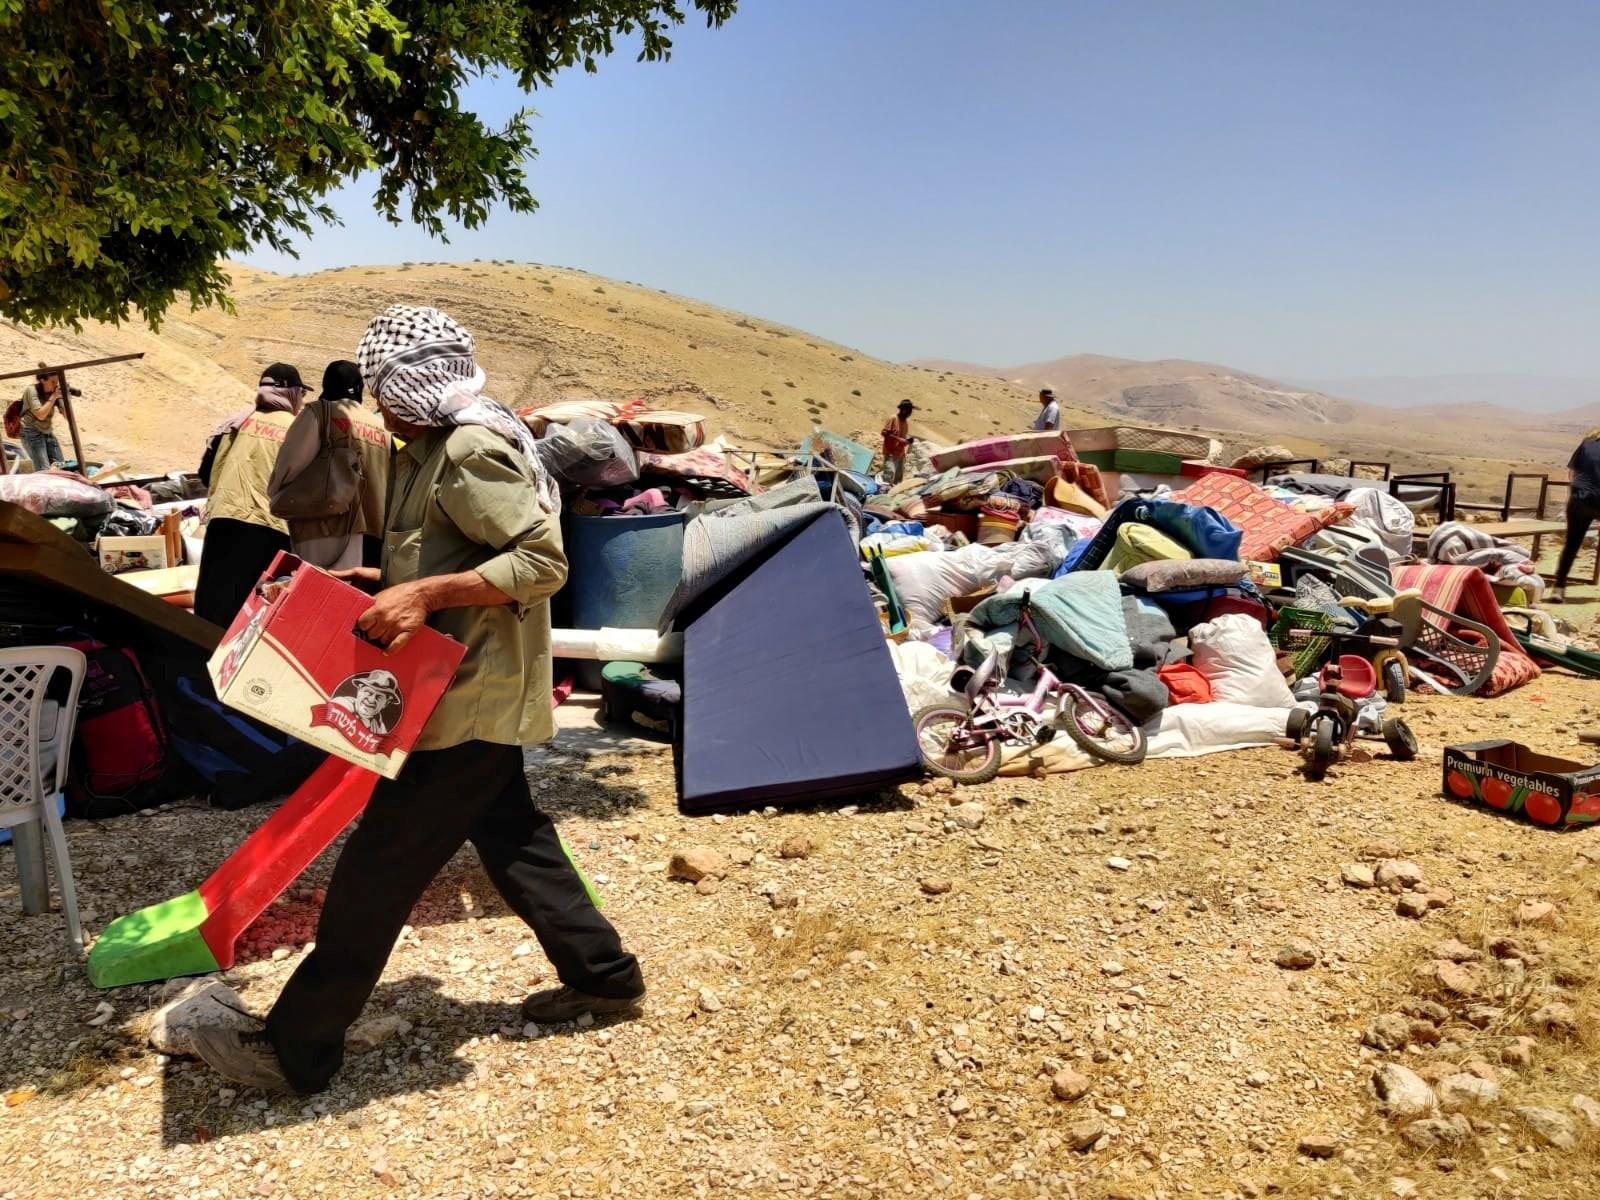 """הארגון """"לוחמים לשלום"""" מבקש מבית הדין הפלילי הבינלאומי לפתוח בחקירת הרס בתים בבקעת הירדן"""